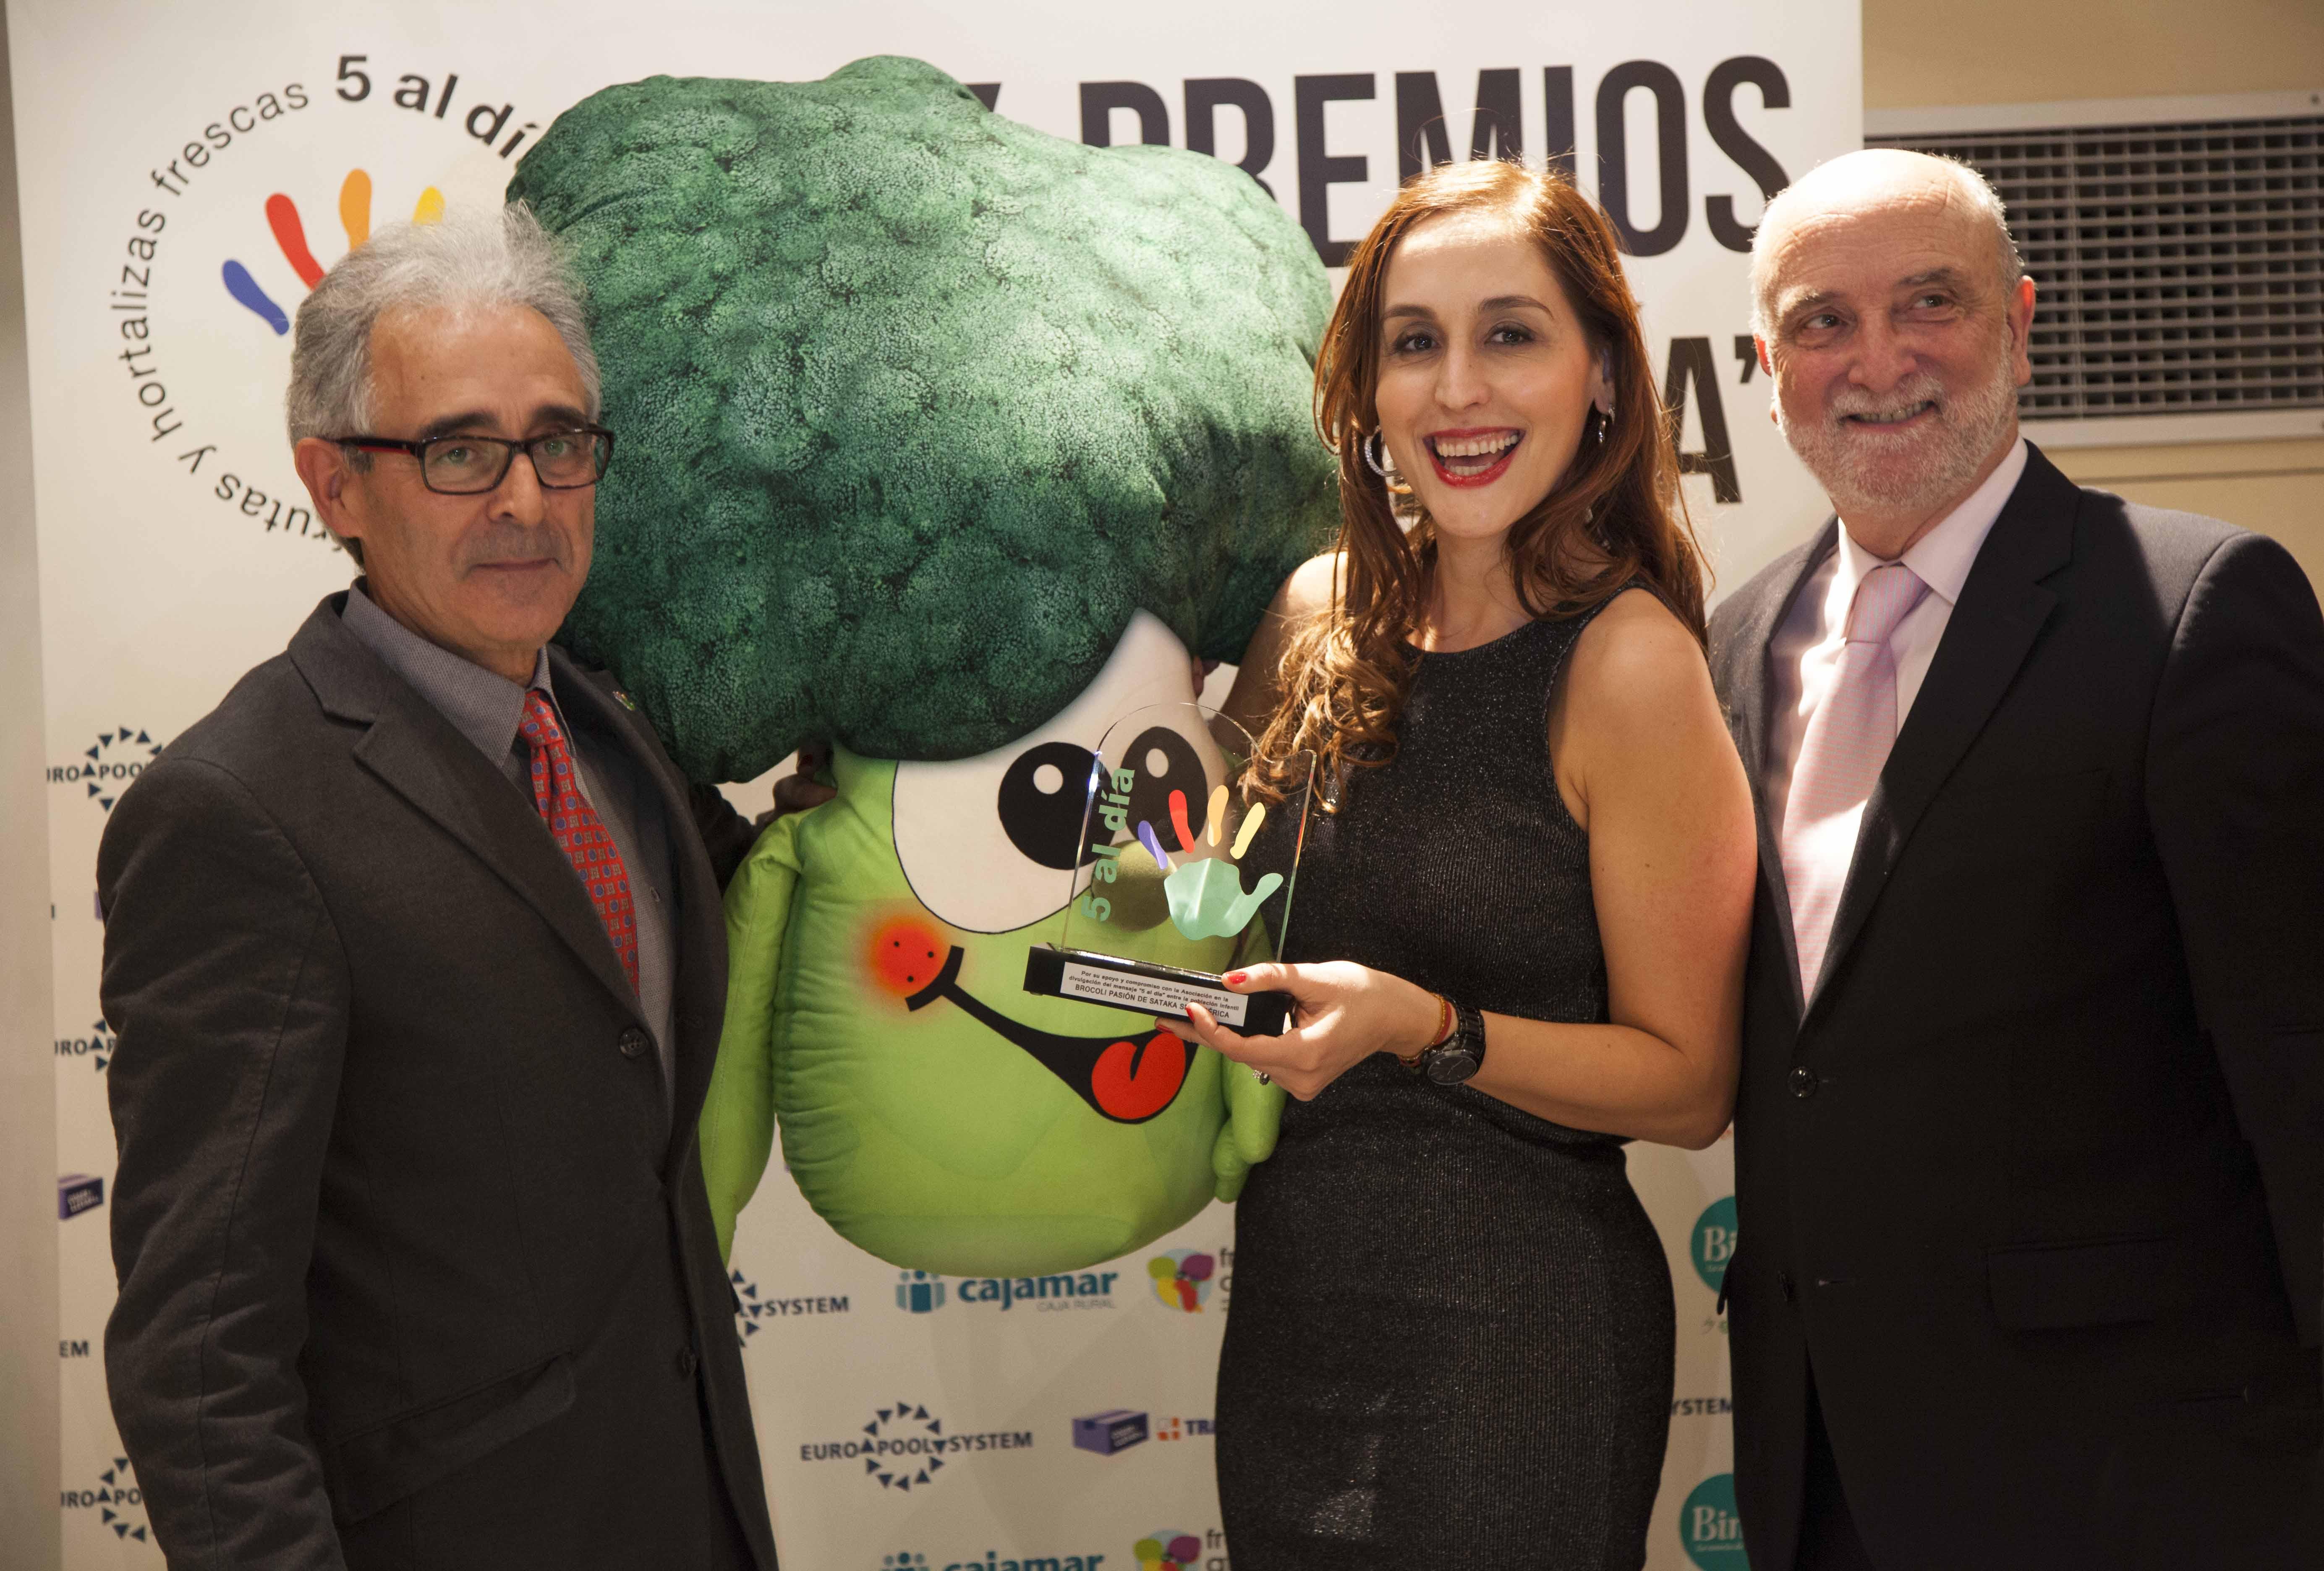 Brocolin Premio 5 al dia reciben M Angeles Lluch + Javier Bernabeu entrega Manuel Montero